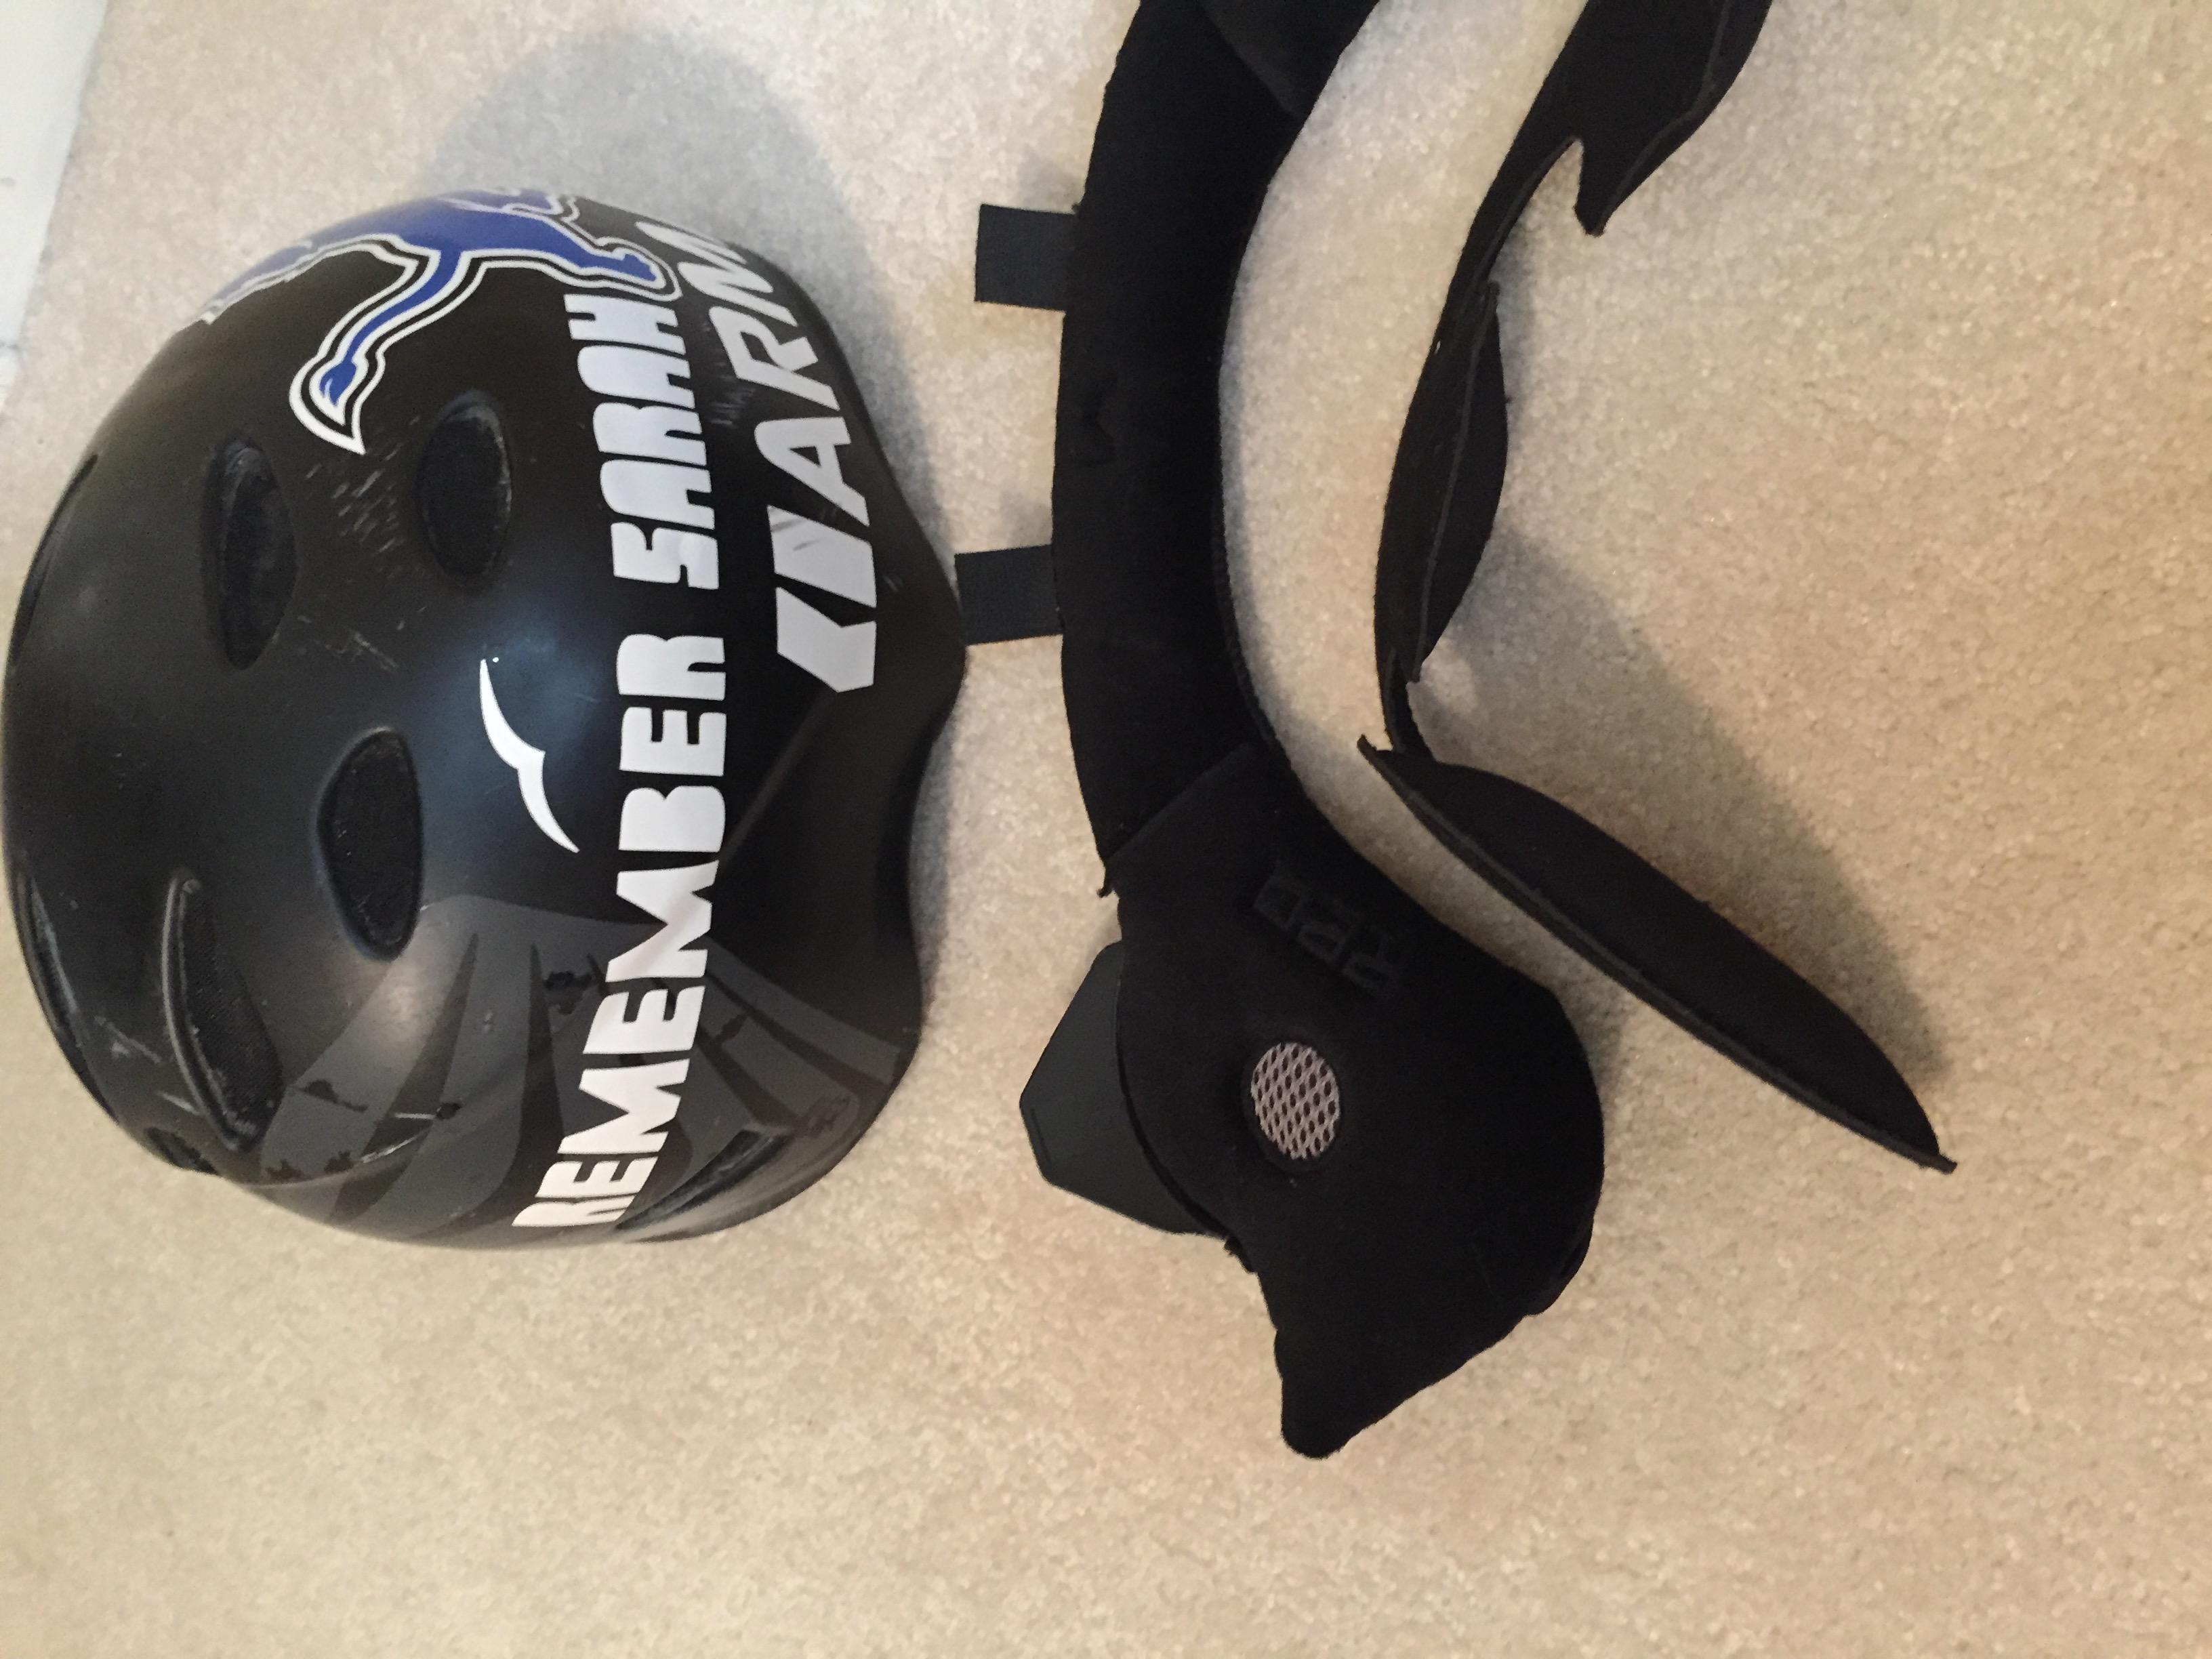 helmet left